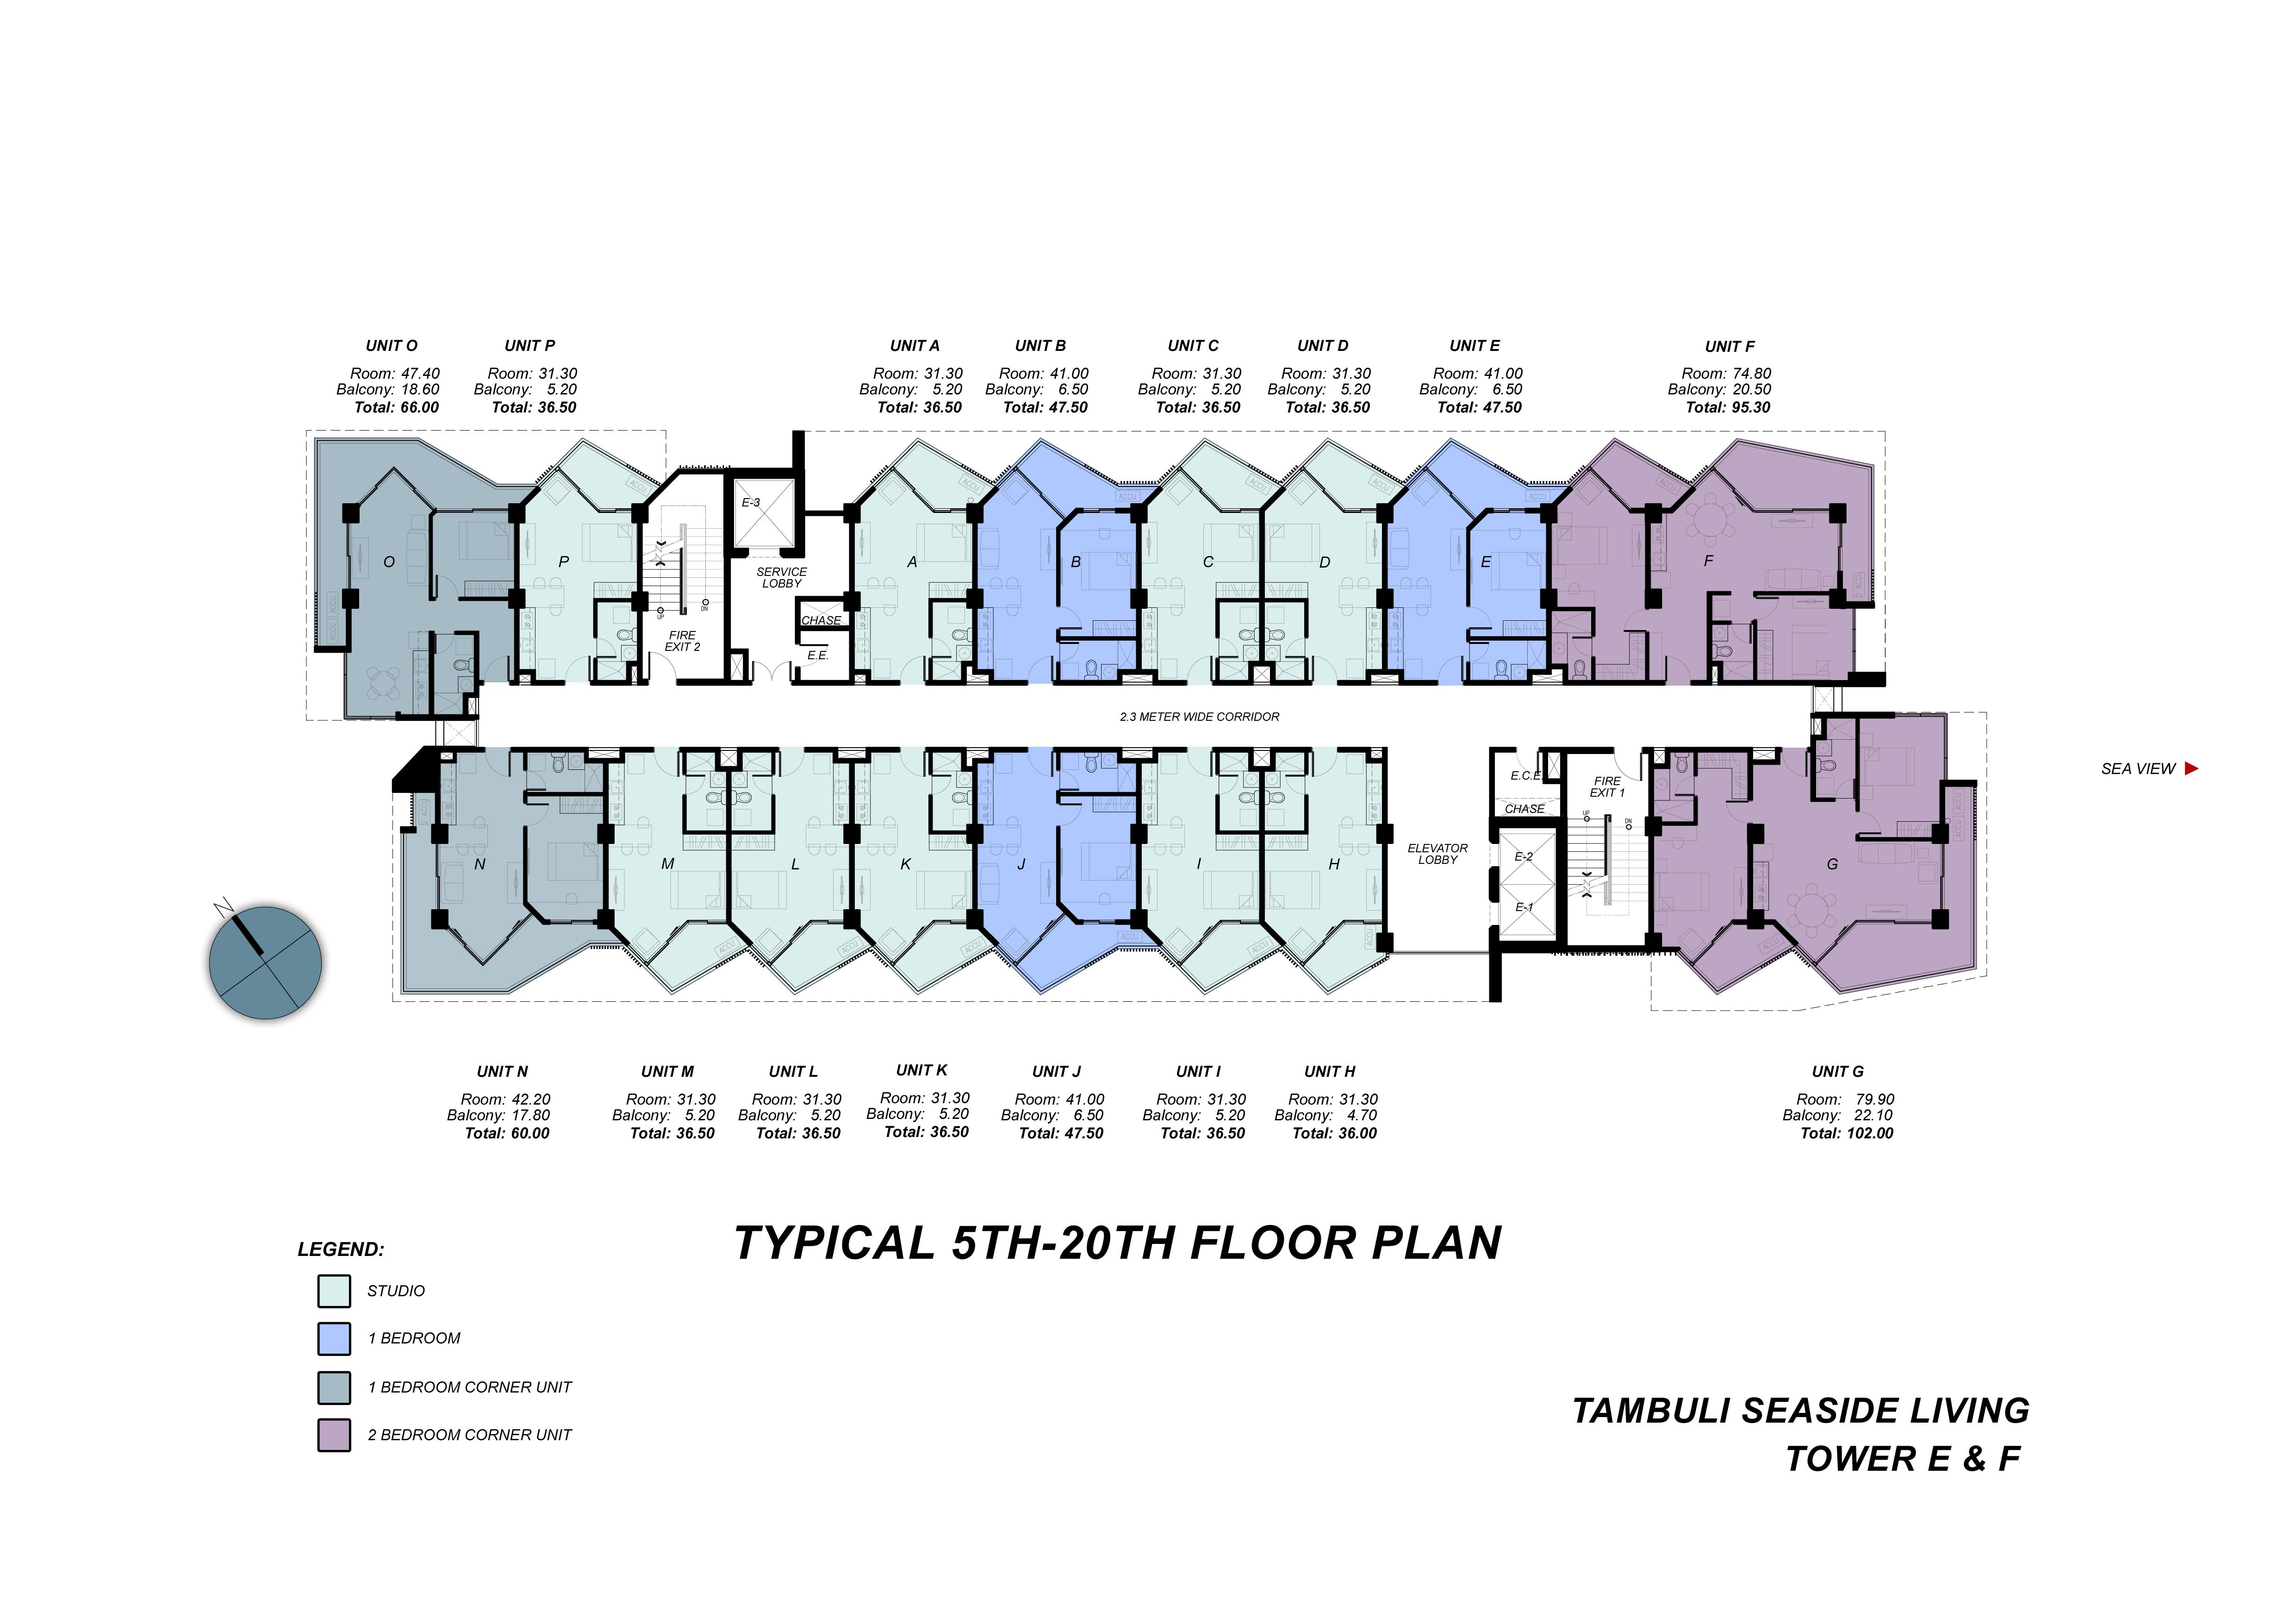 2013-0603 TAMBULI RM PLANS - A3